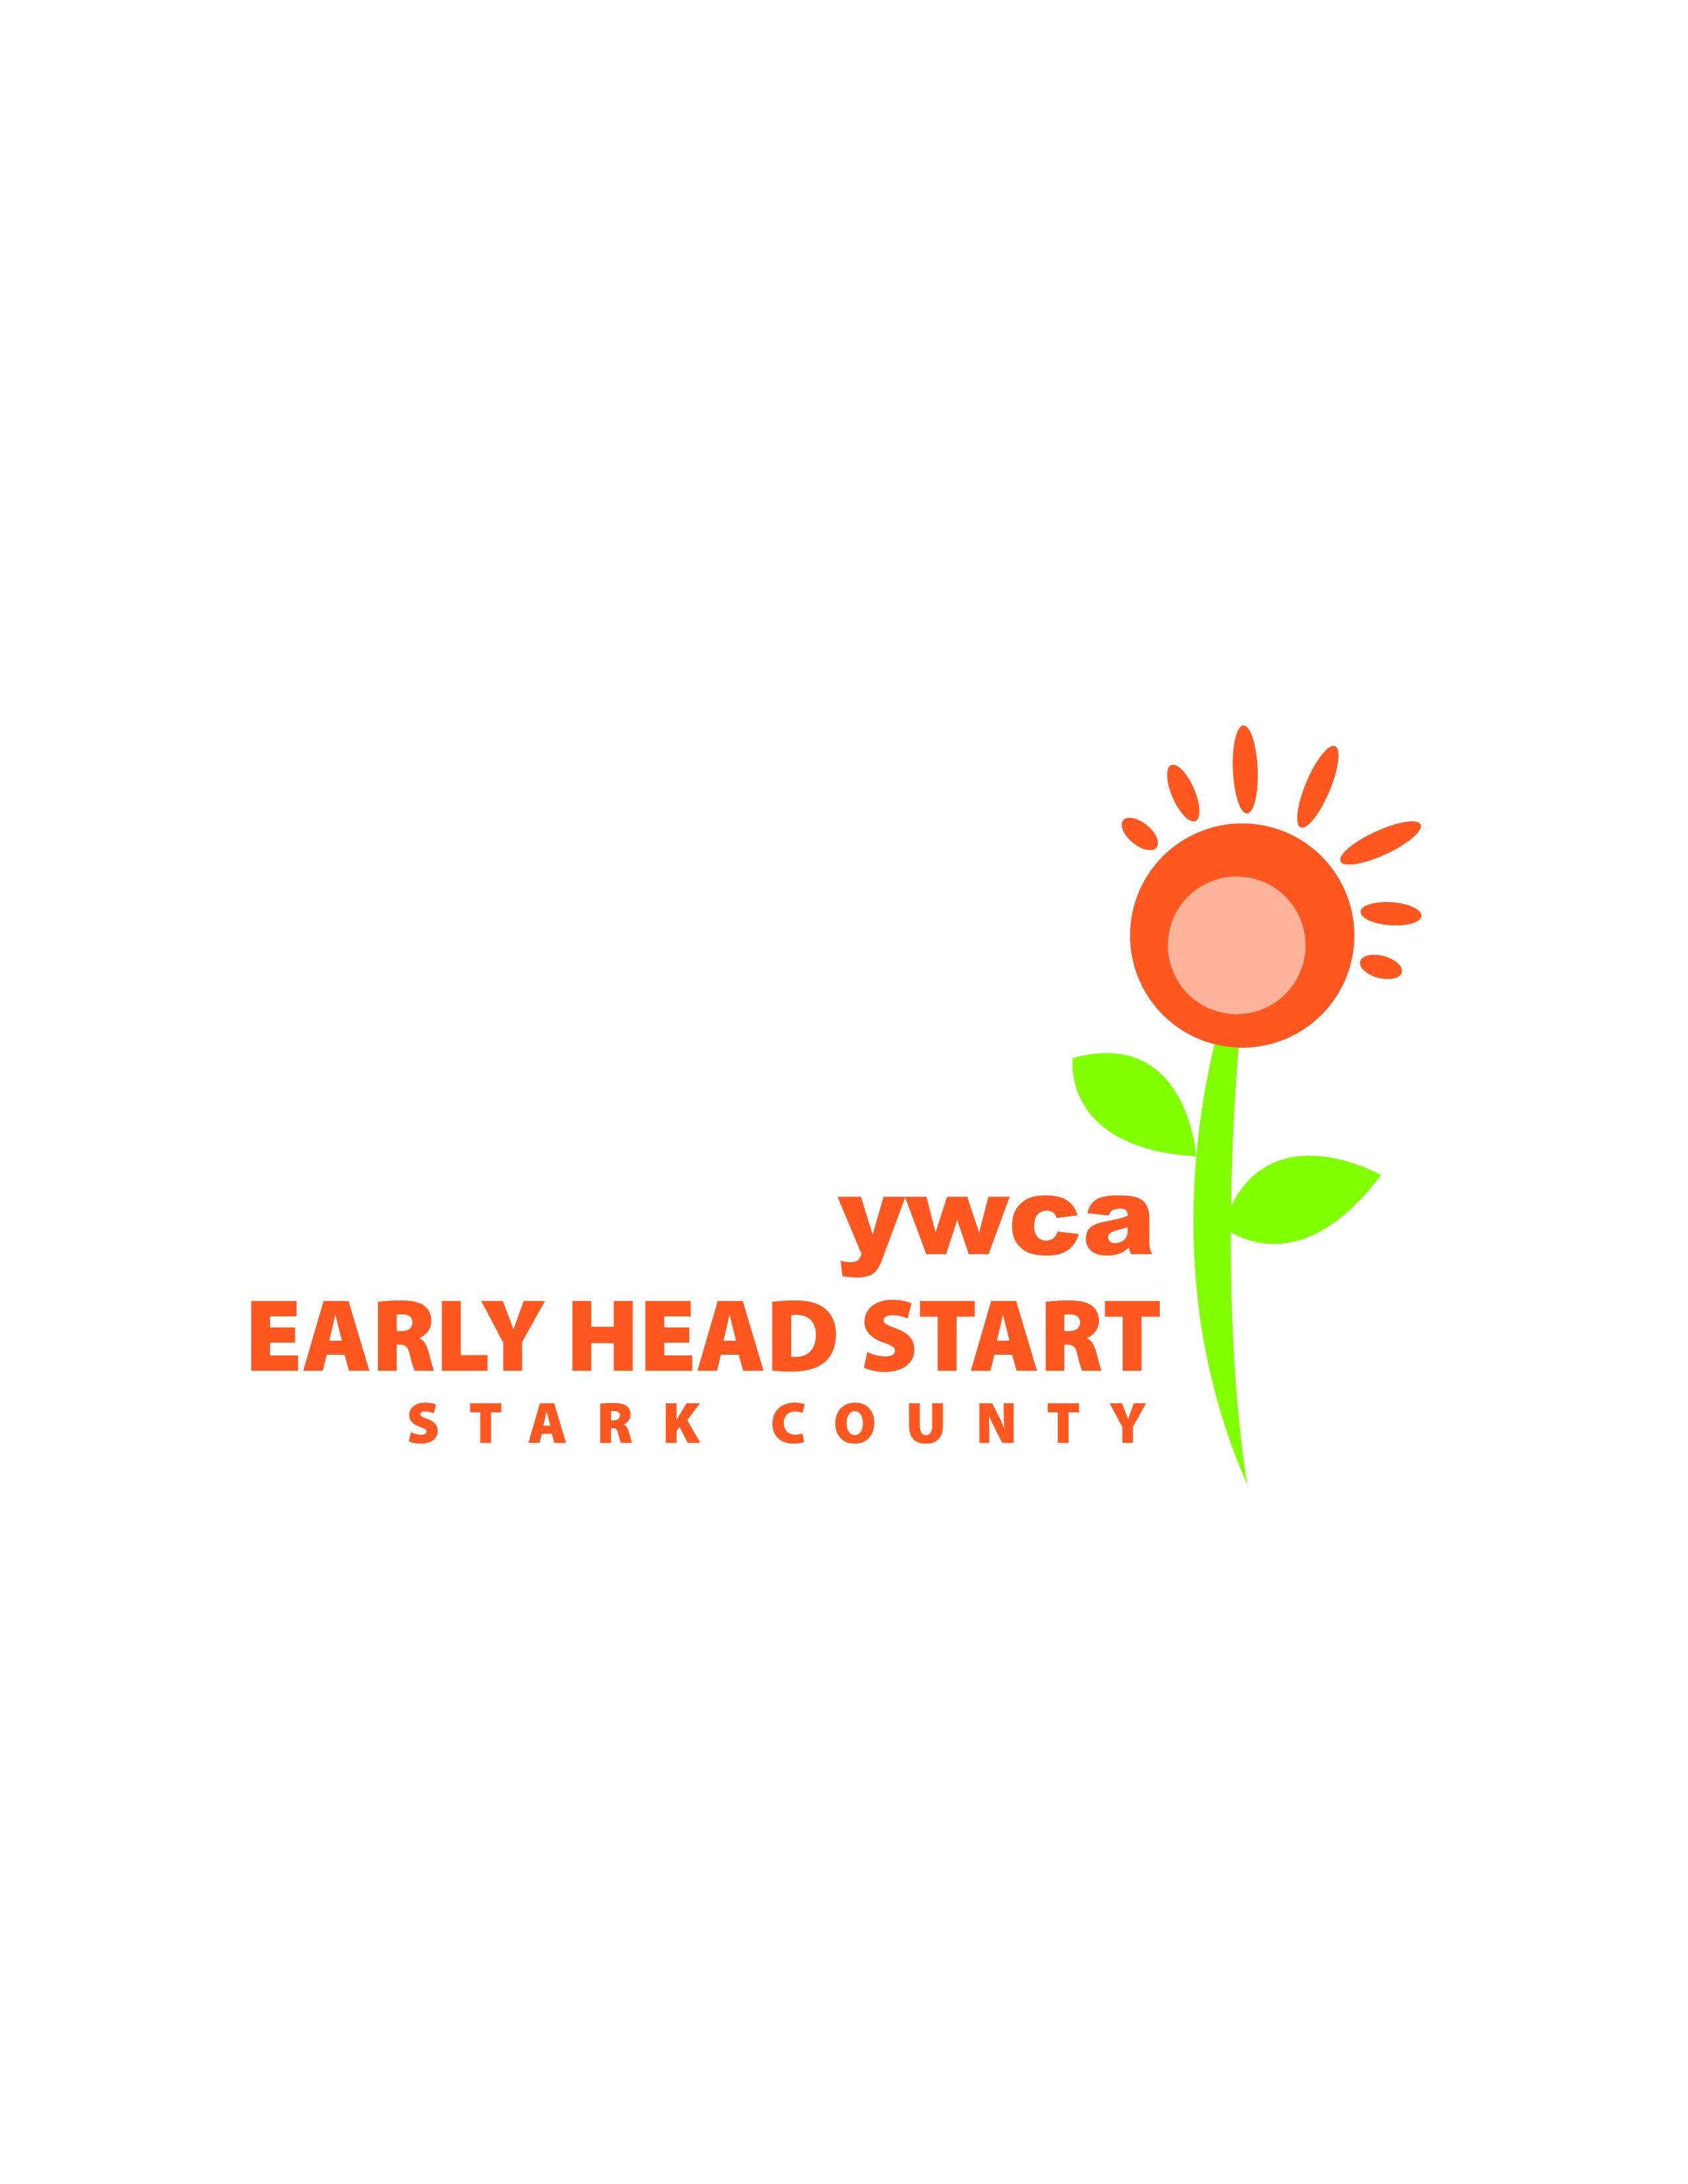 YWCA_EHS Logo FINAL-01 (00000002)